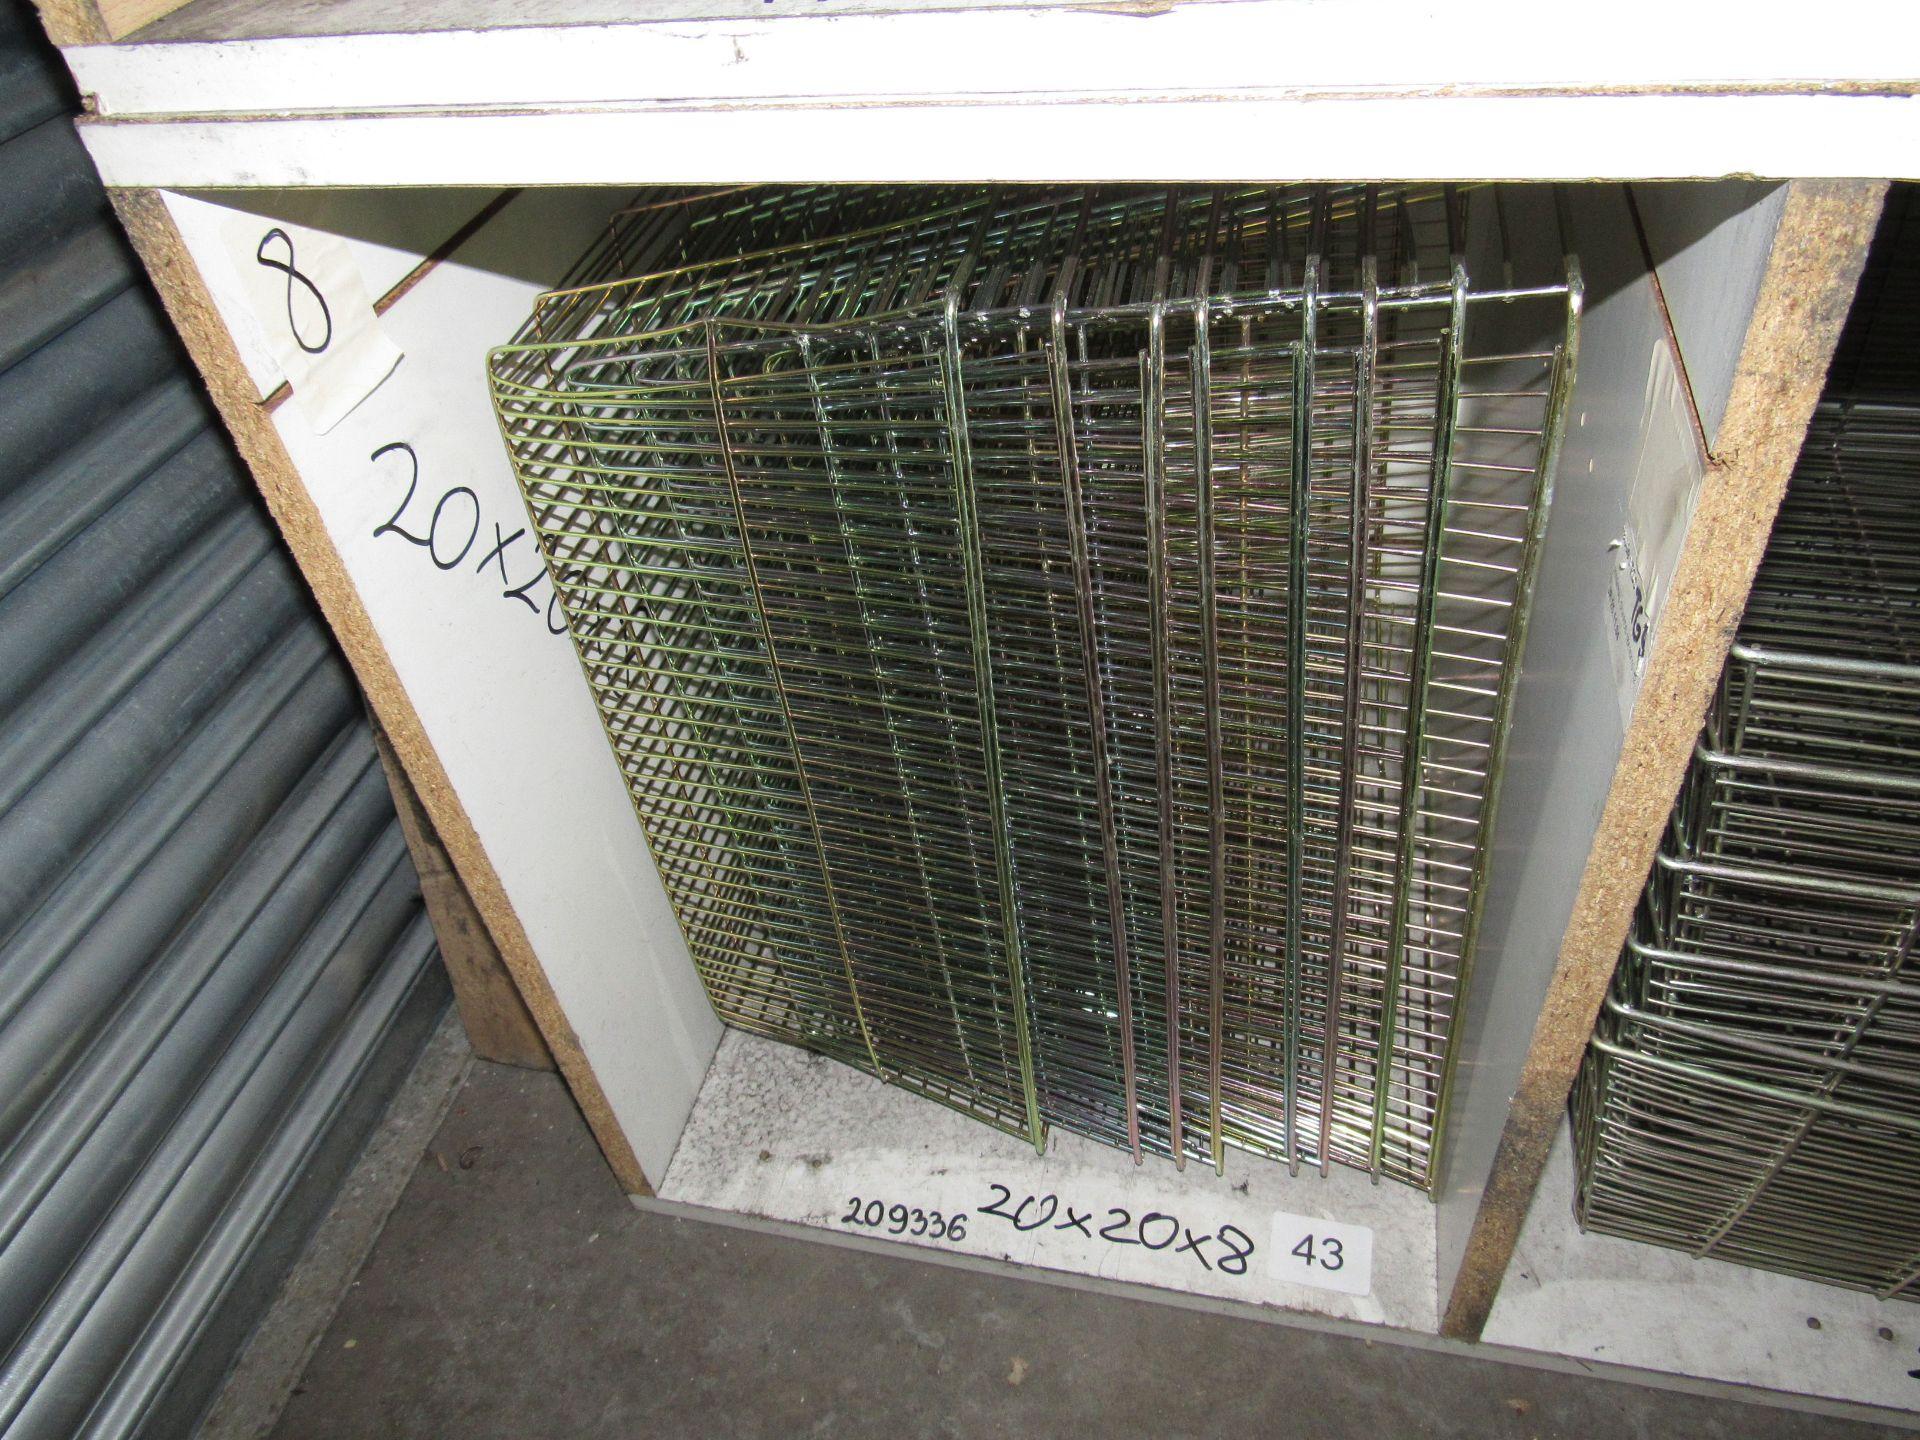 Lot 43 - 8 TG10 Terminal Guards 20x20x8 (12)